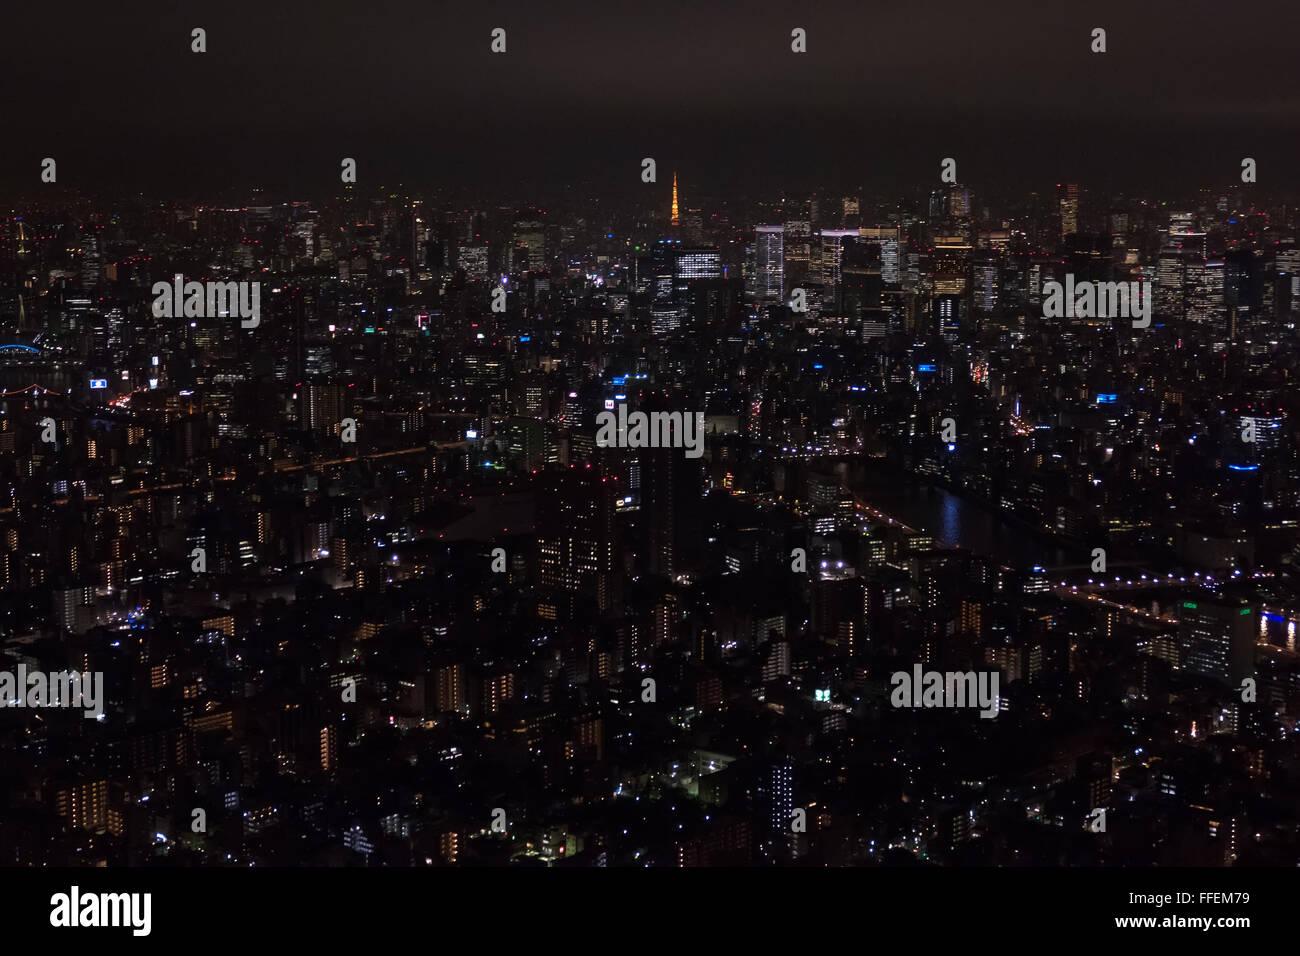 Tokyo, Japon, Asie. Vue panoramique de la ville la nuit à partir de Skytree tower. Paysage urbain d'Asie, mégalopole japonaise Banque D'Images